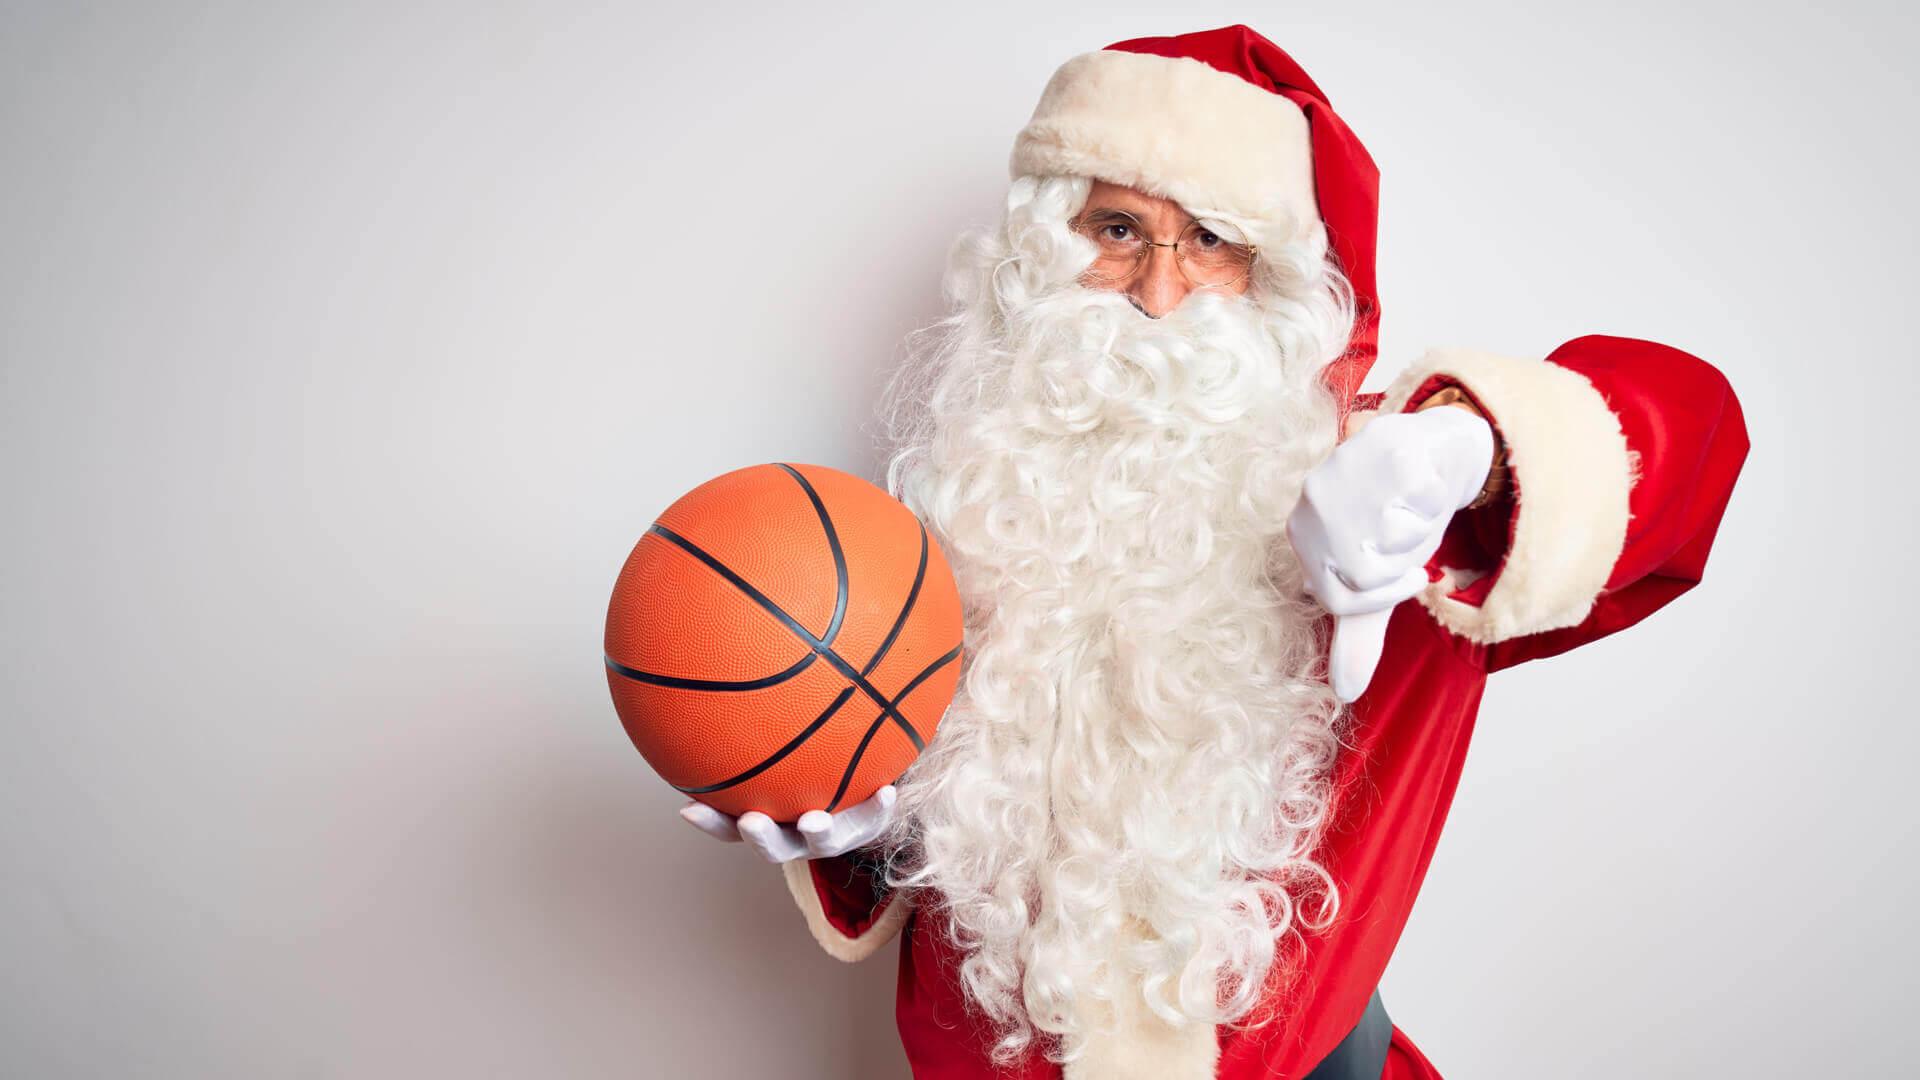 Święty Mikołaj z koszykówką